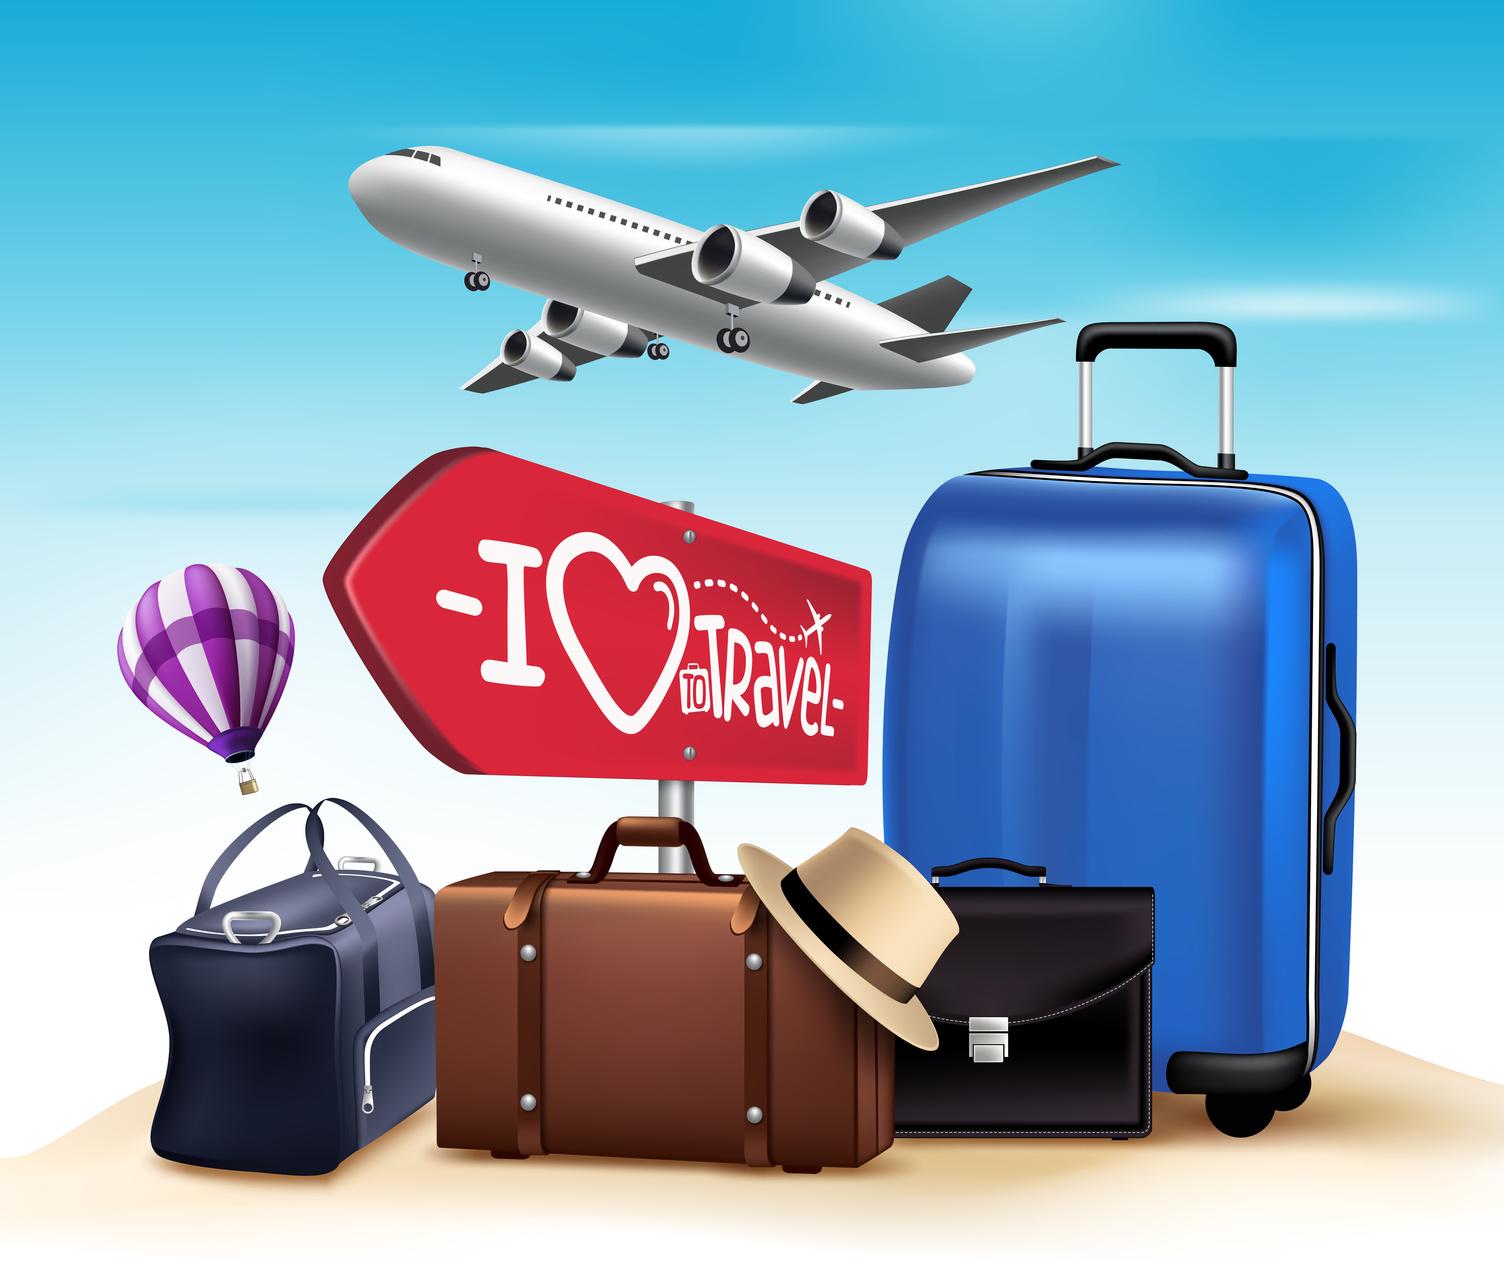 海外旅行のお土産で喜ばれるものとは?